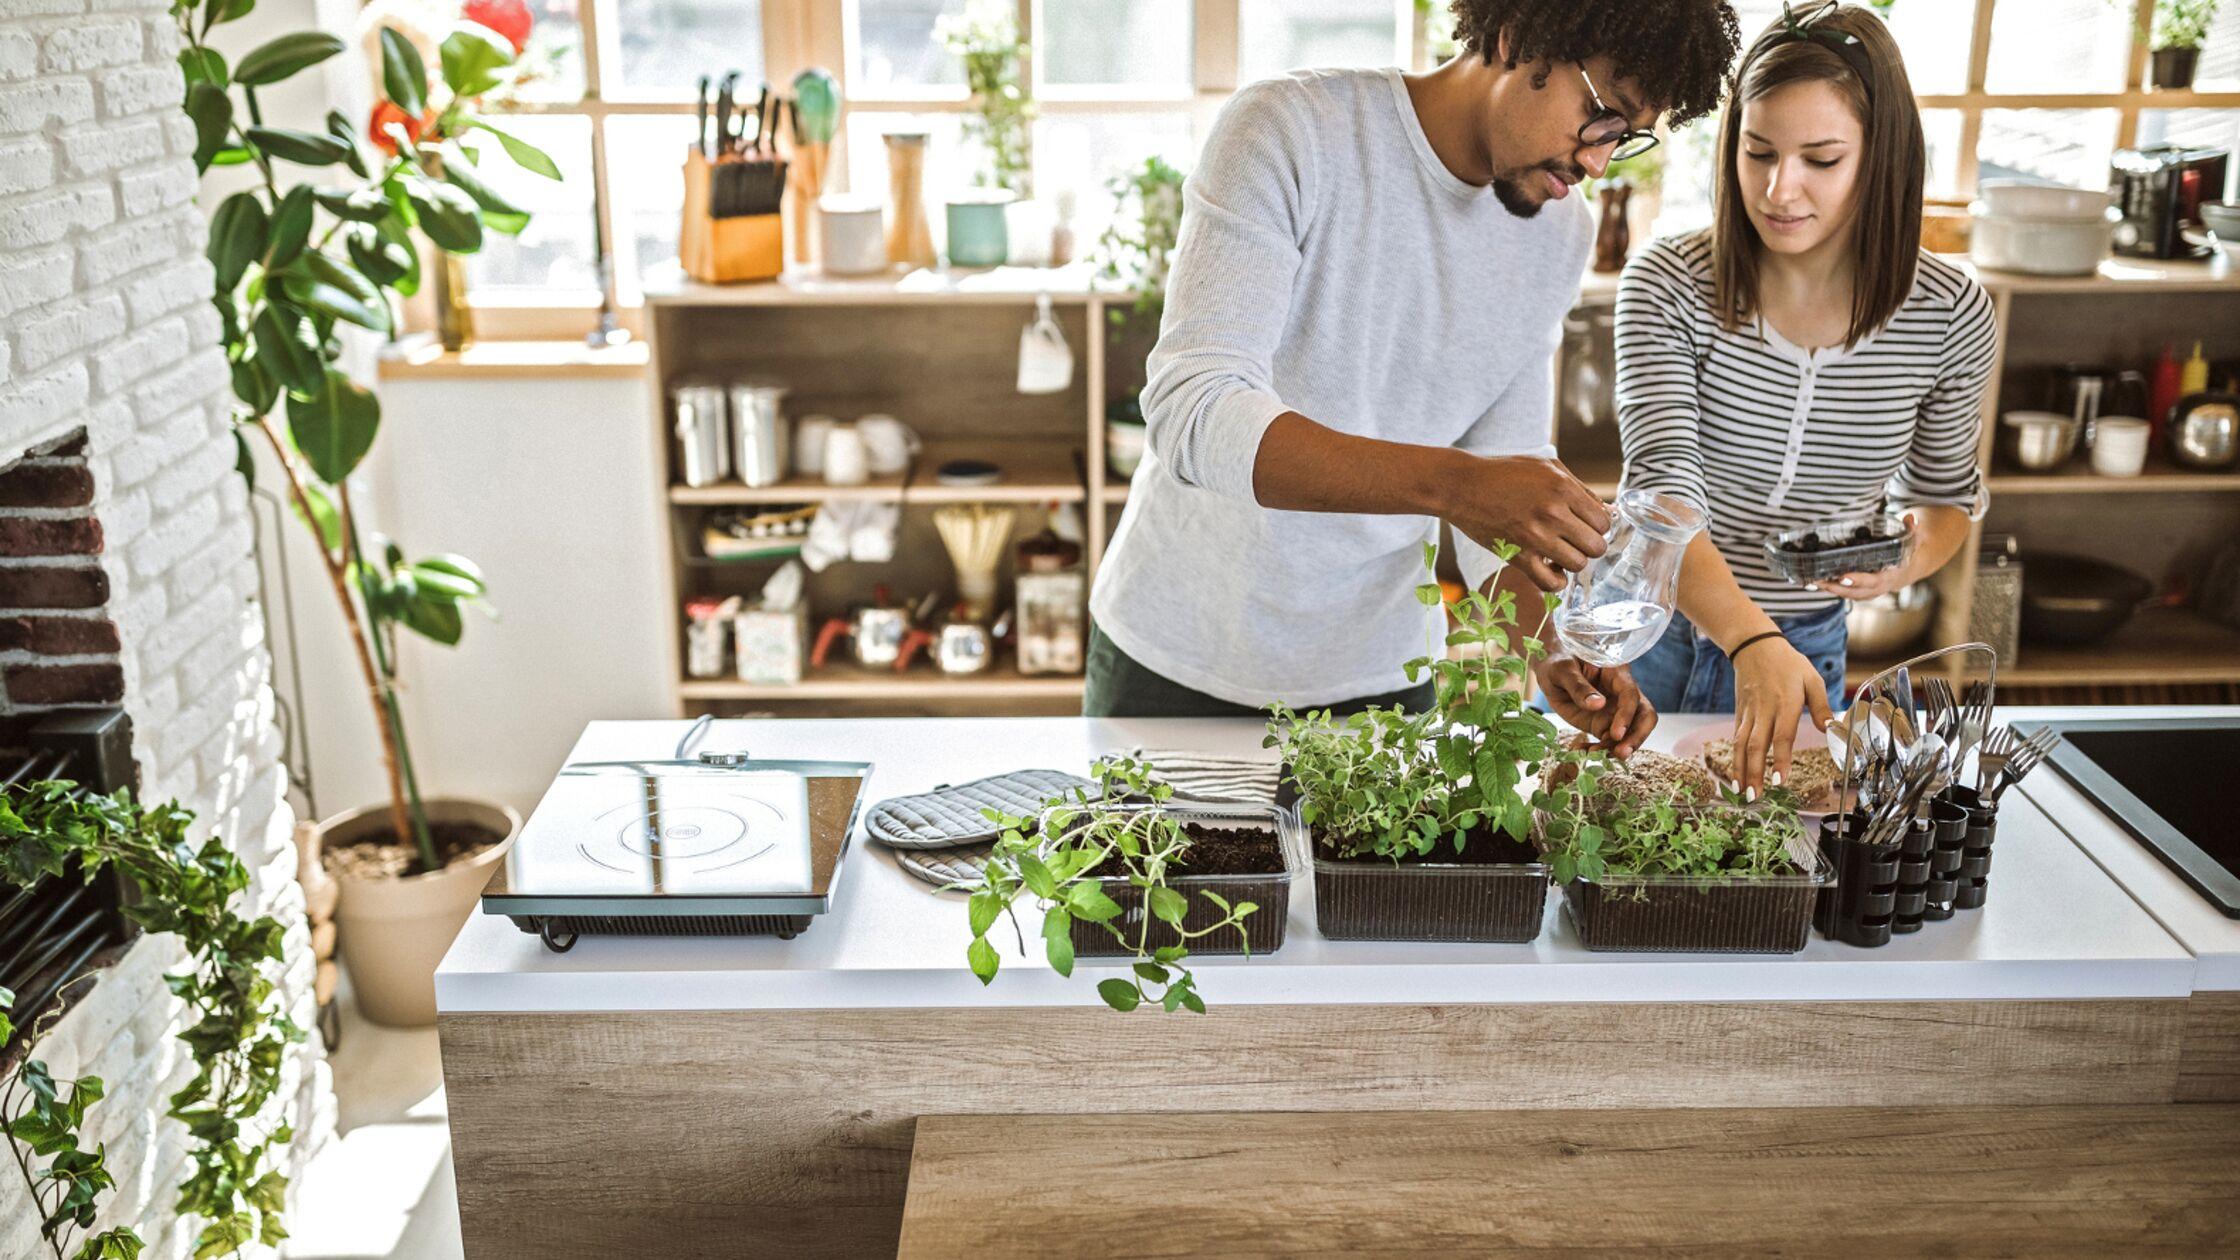 Wohnung nachhaltig einrichten: Tipps für ein umweltfreundliches Zuhause